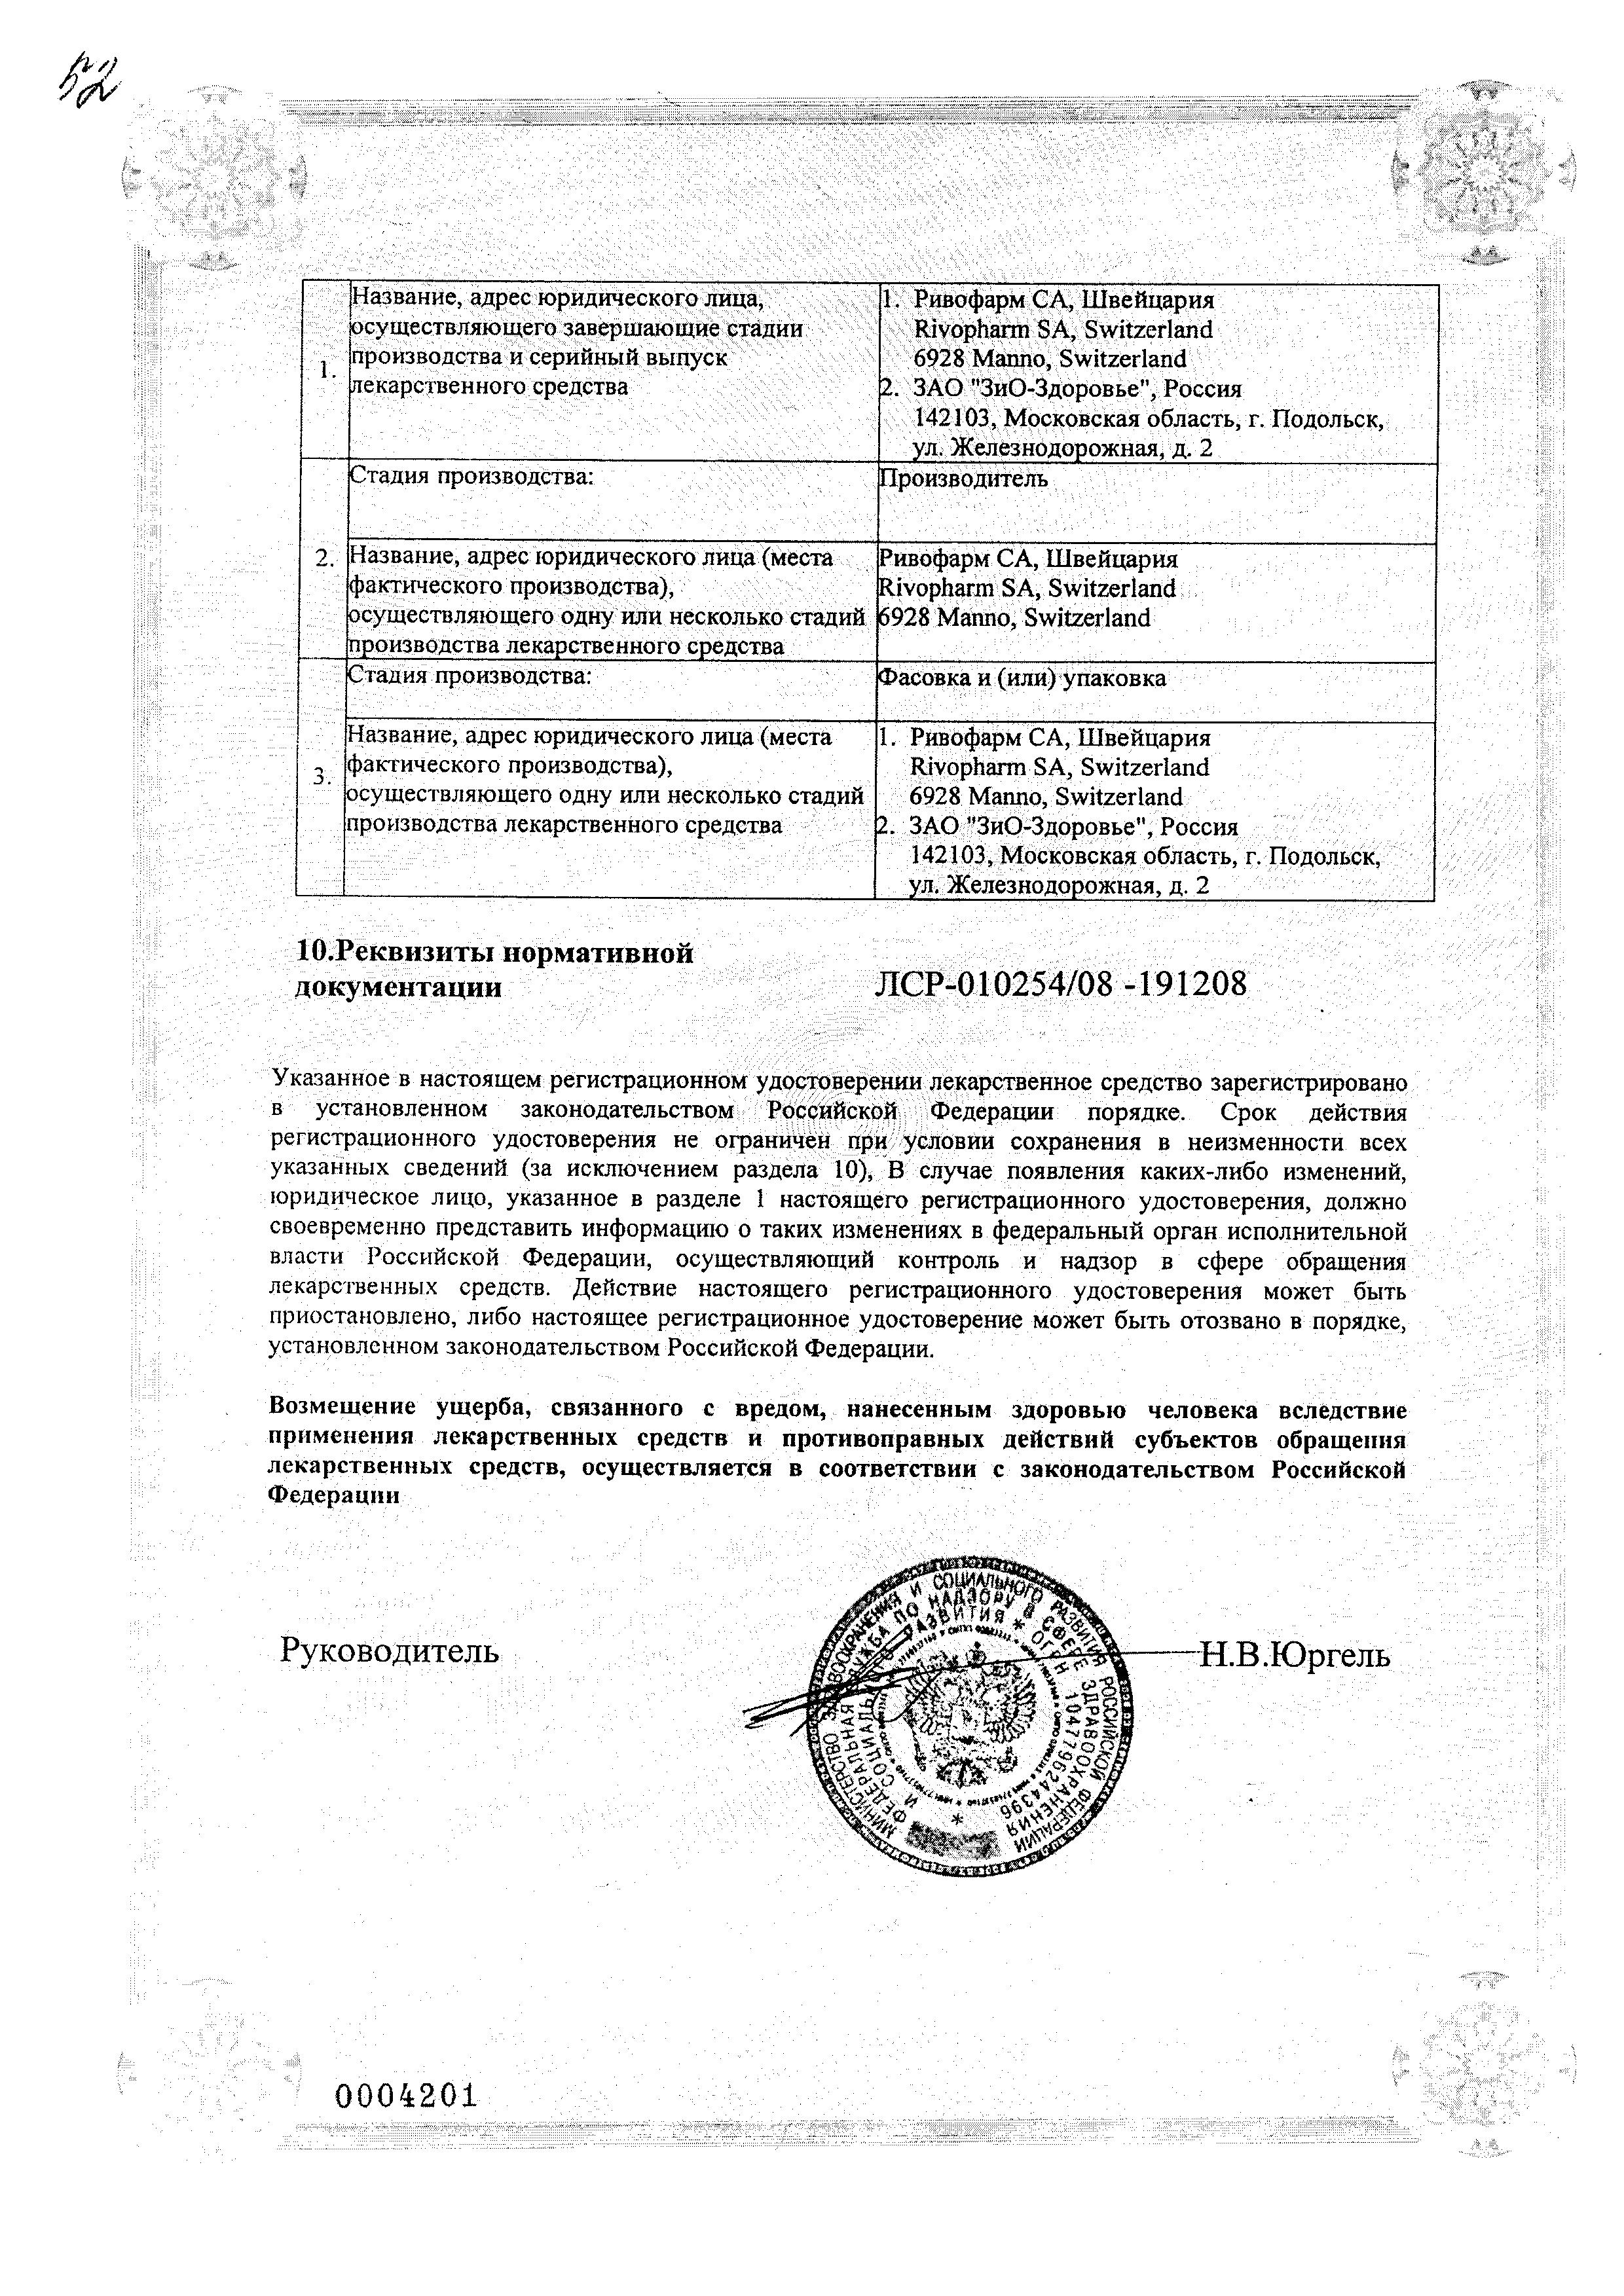 Лимипранил сертификат